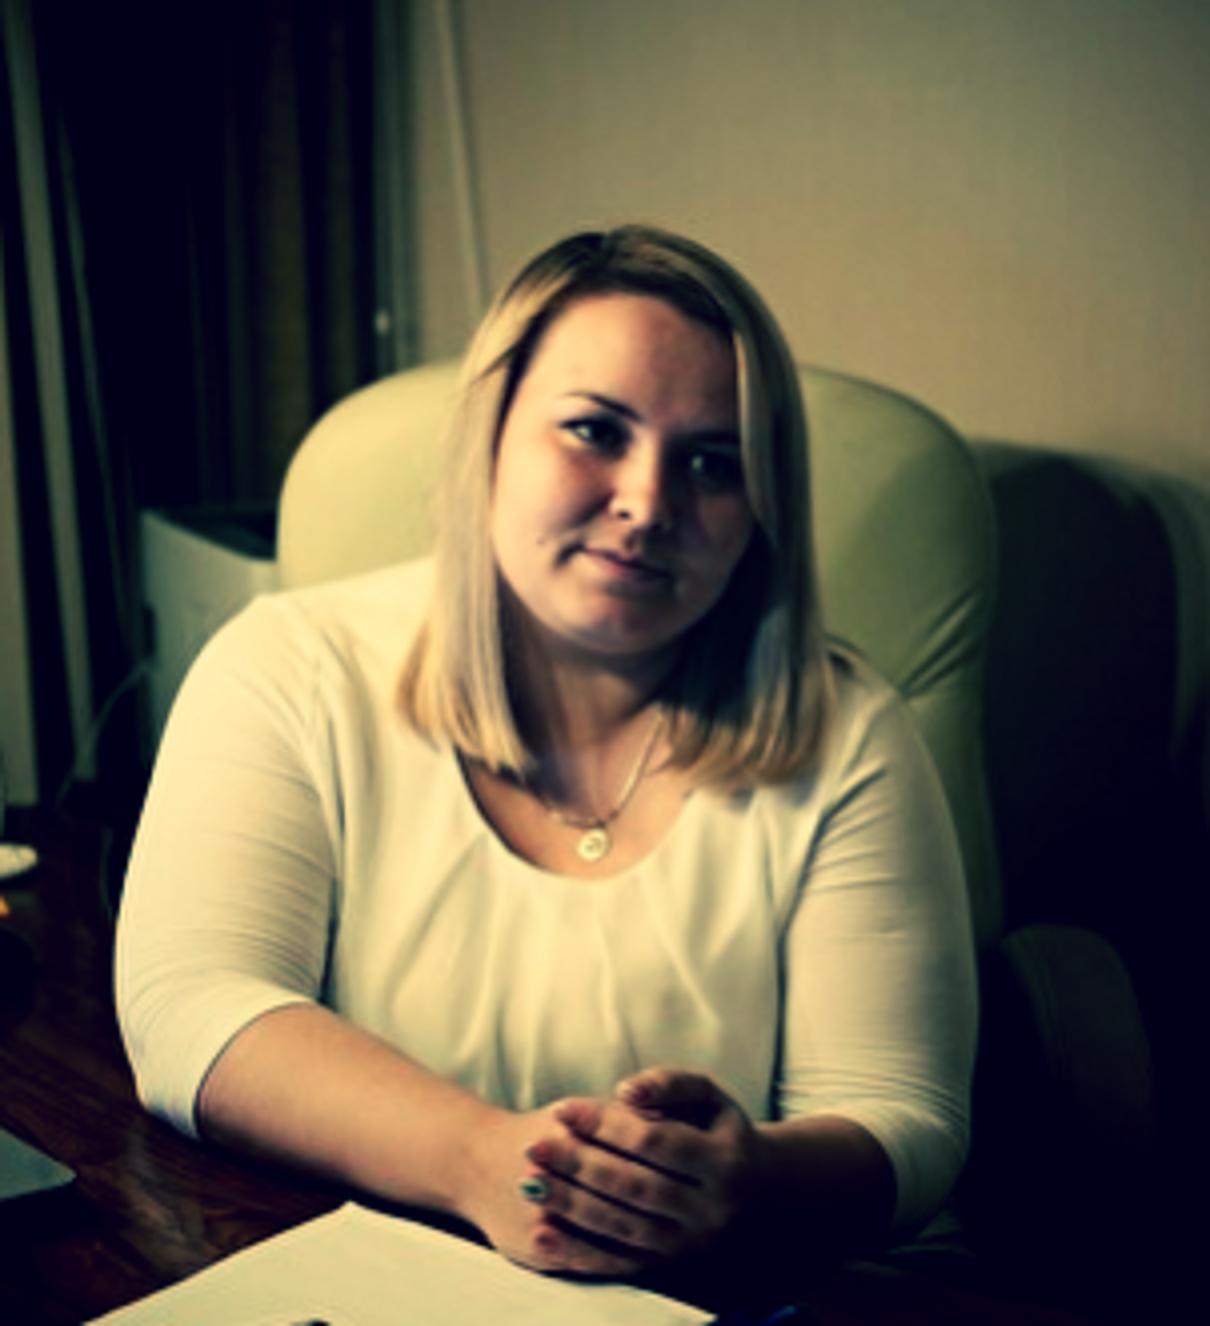 Жалоба-отзыв: Сантана, челябинская юридическая фирма - Как Татьяна Роенко обманывает пенсионеров.  Фото №1